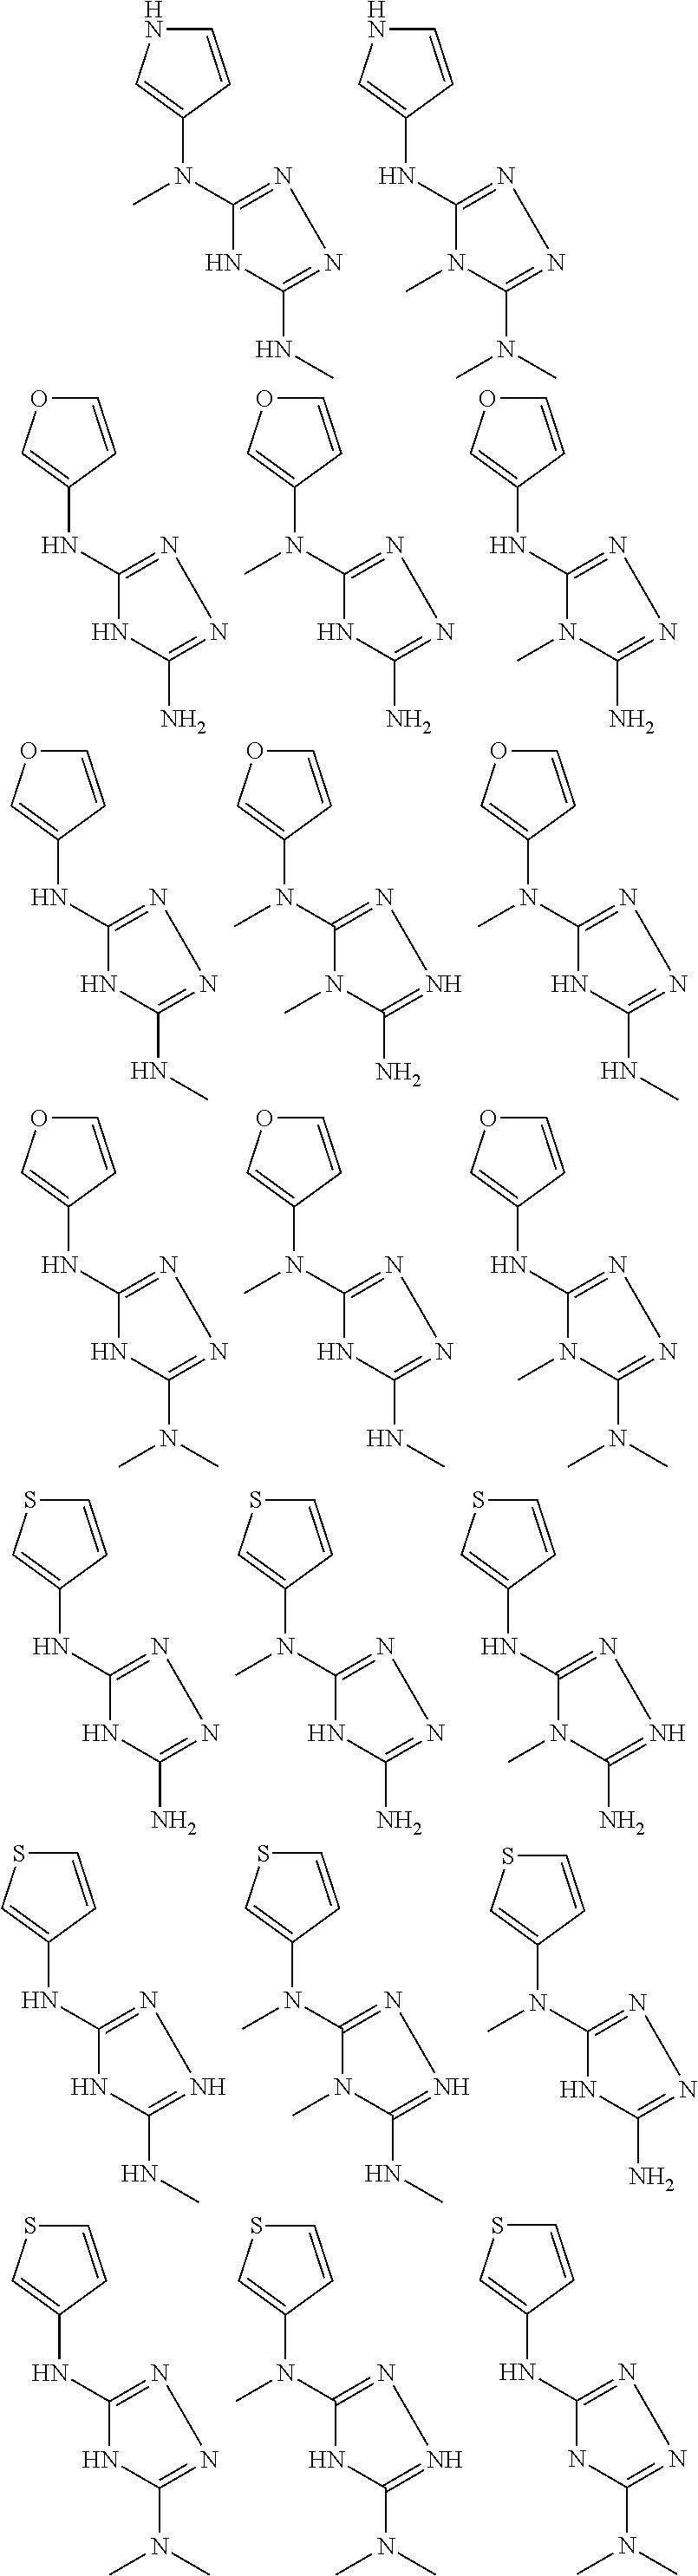 Figure US09480663-20161101-C00072